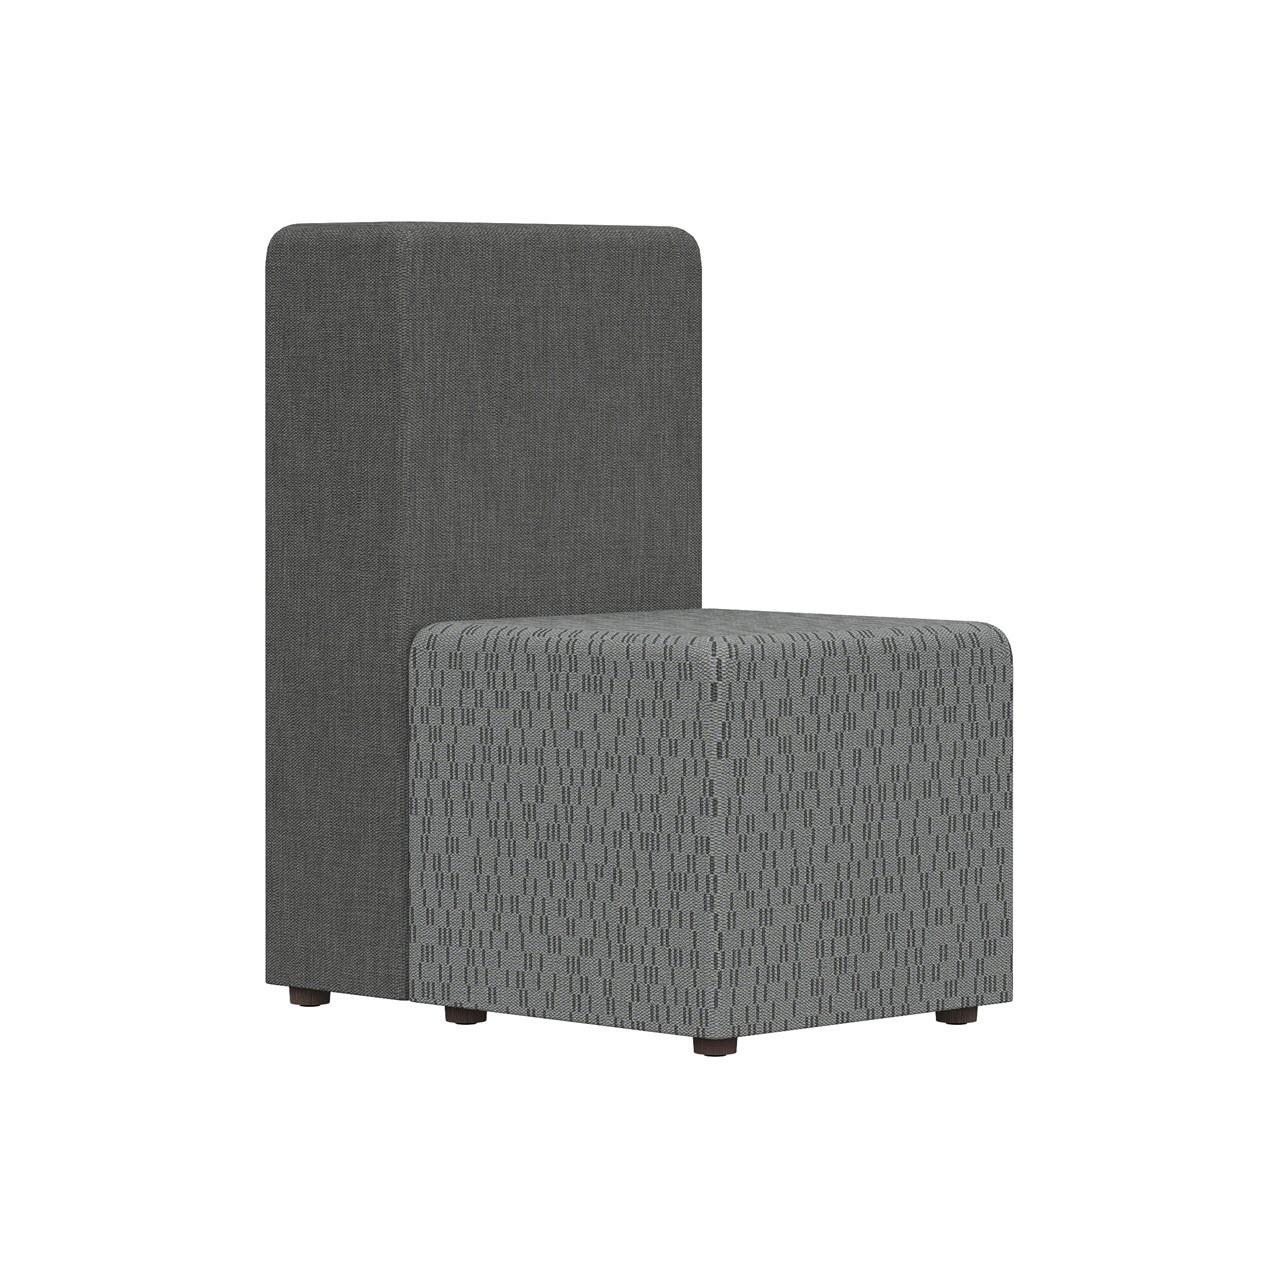 Dalton | Chair